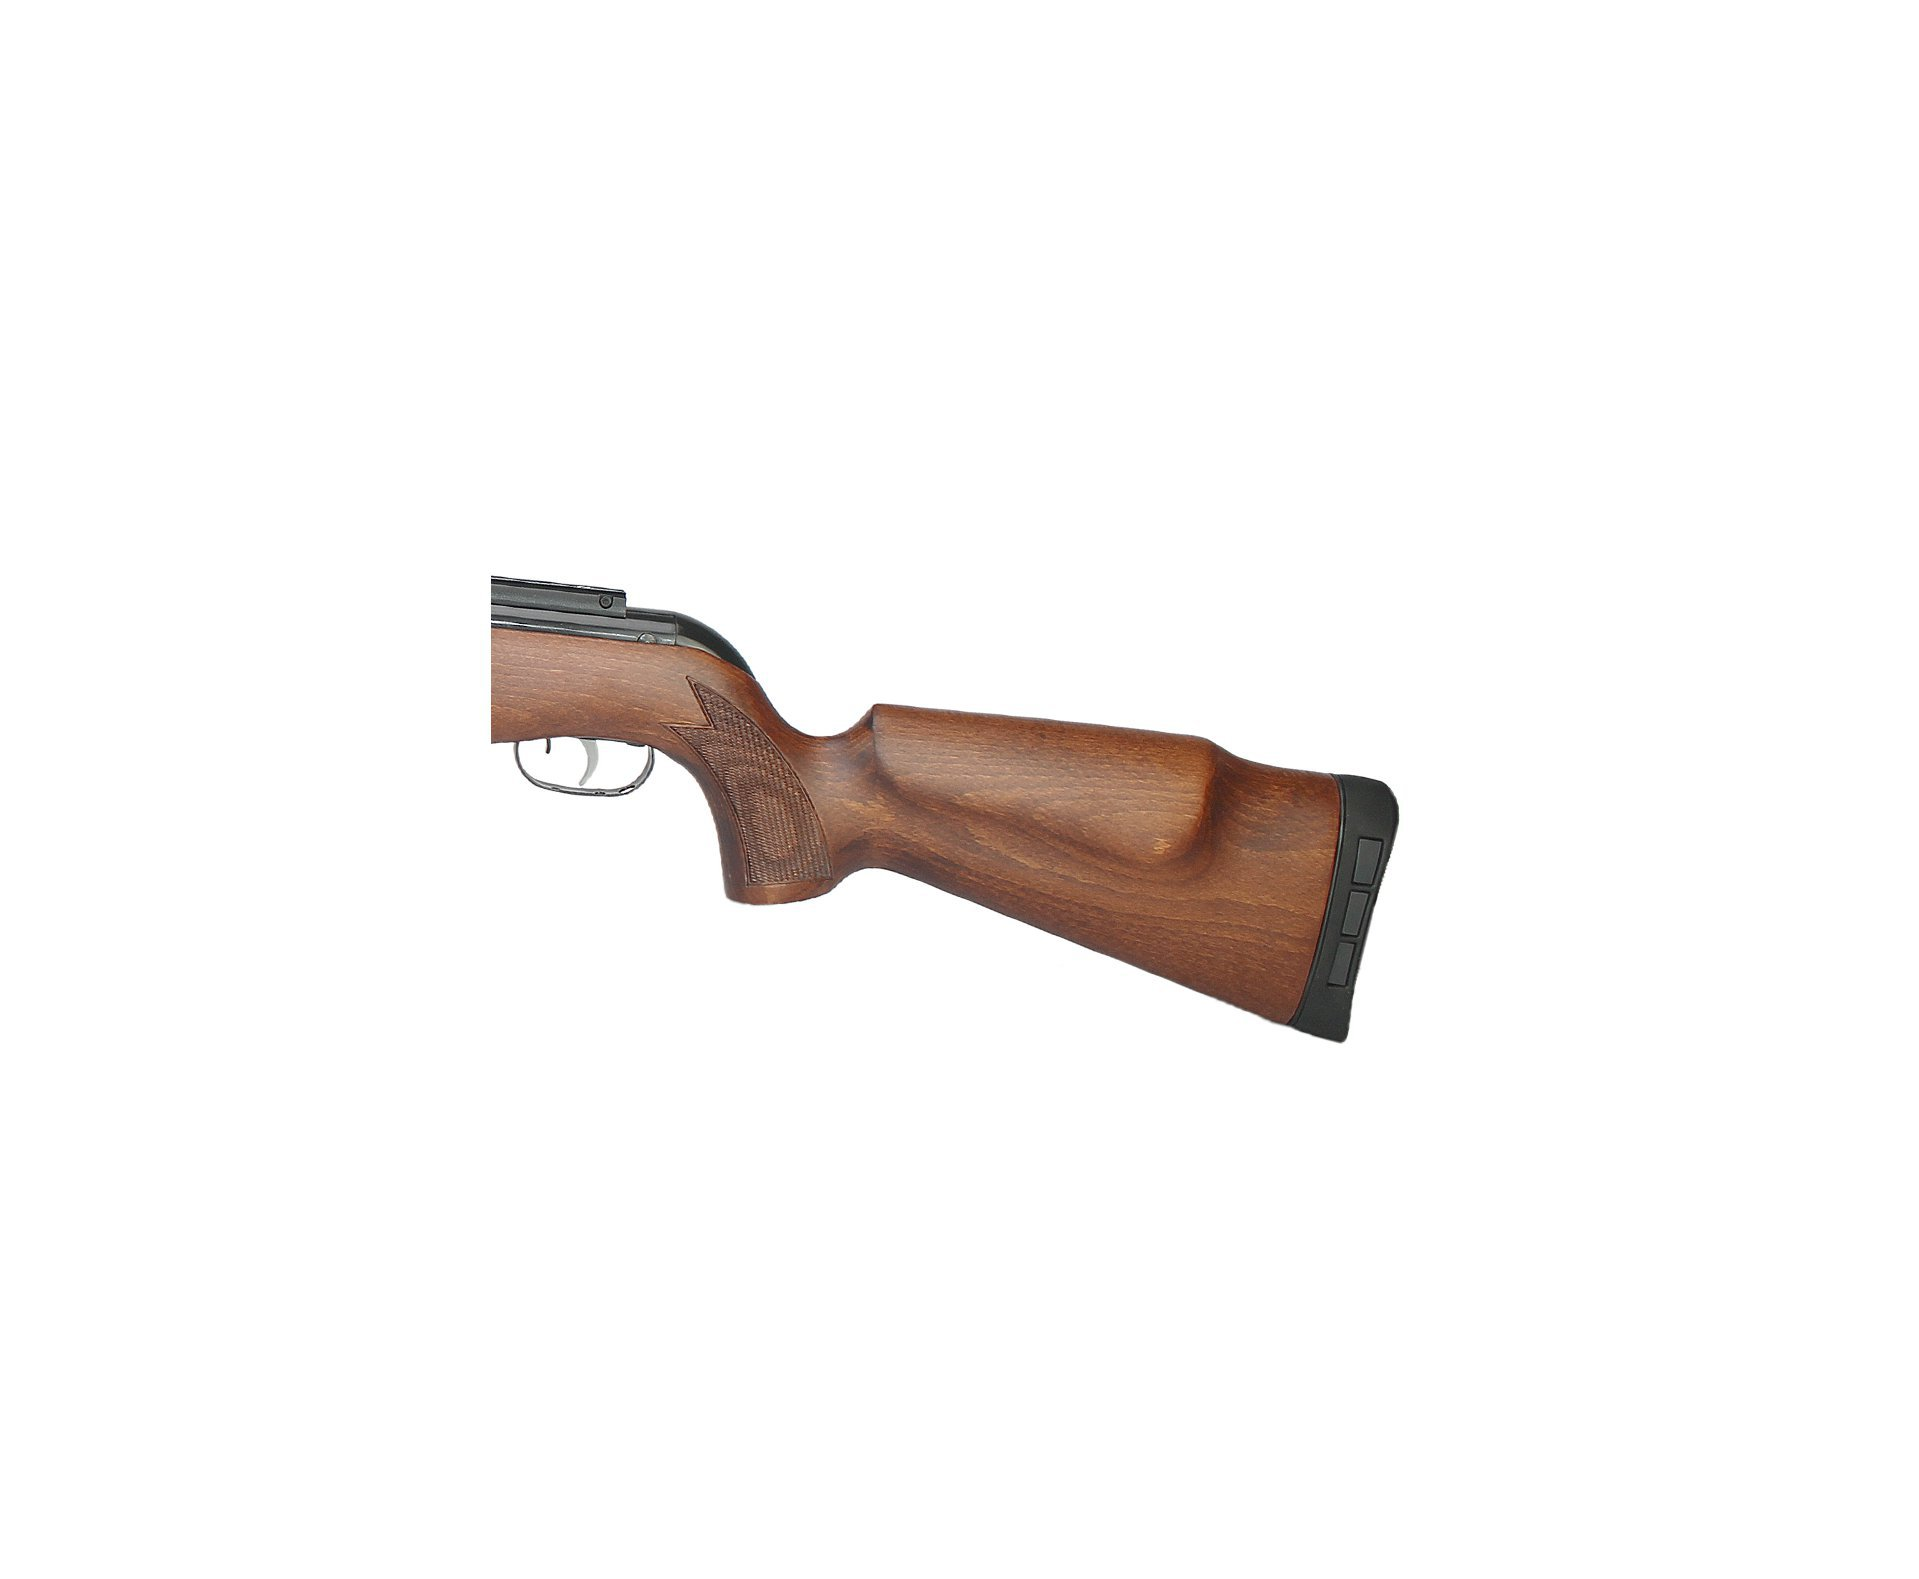 Carabina De  Pressão Cfx Royal Madeira 5,5mm - Gamo